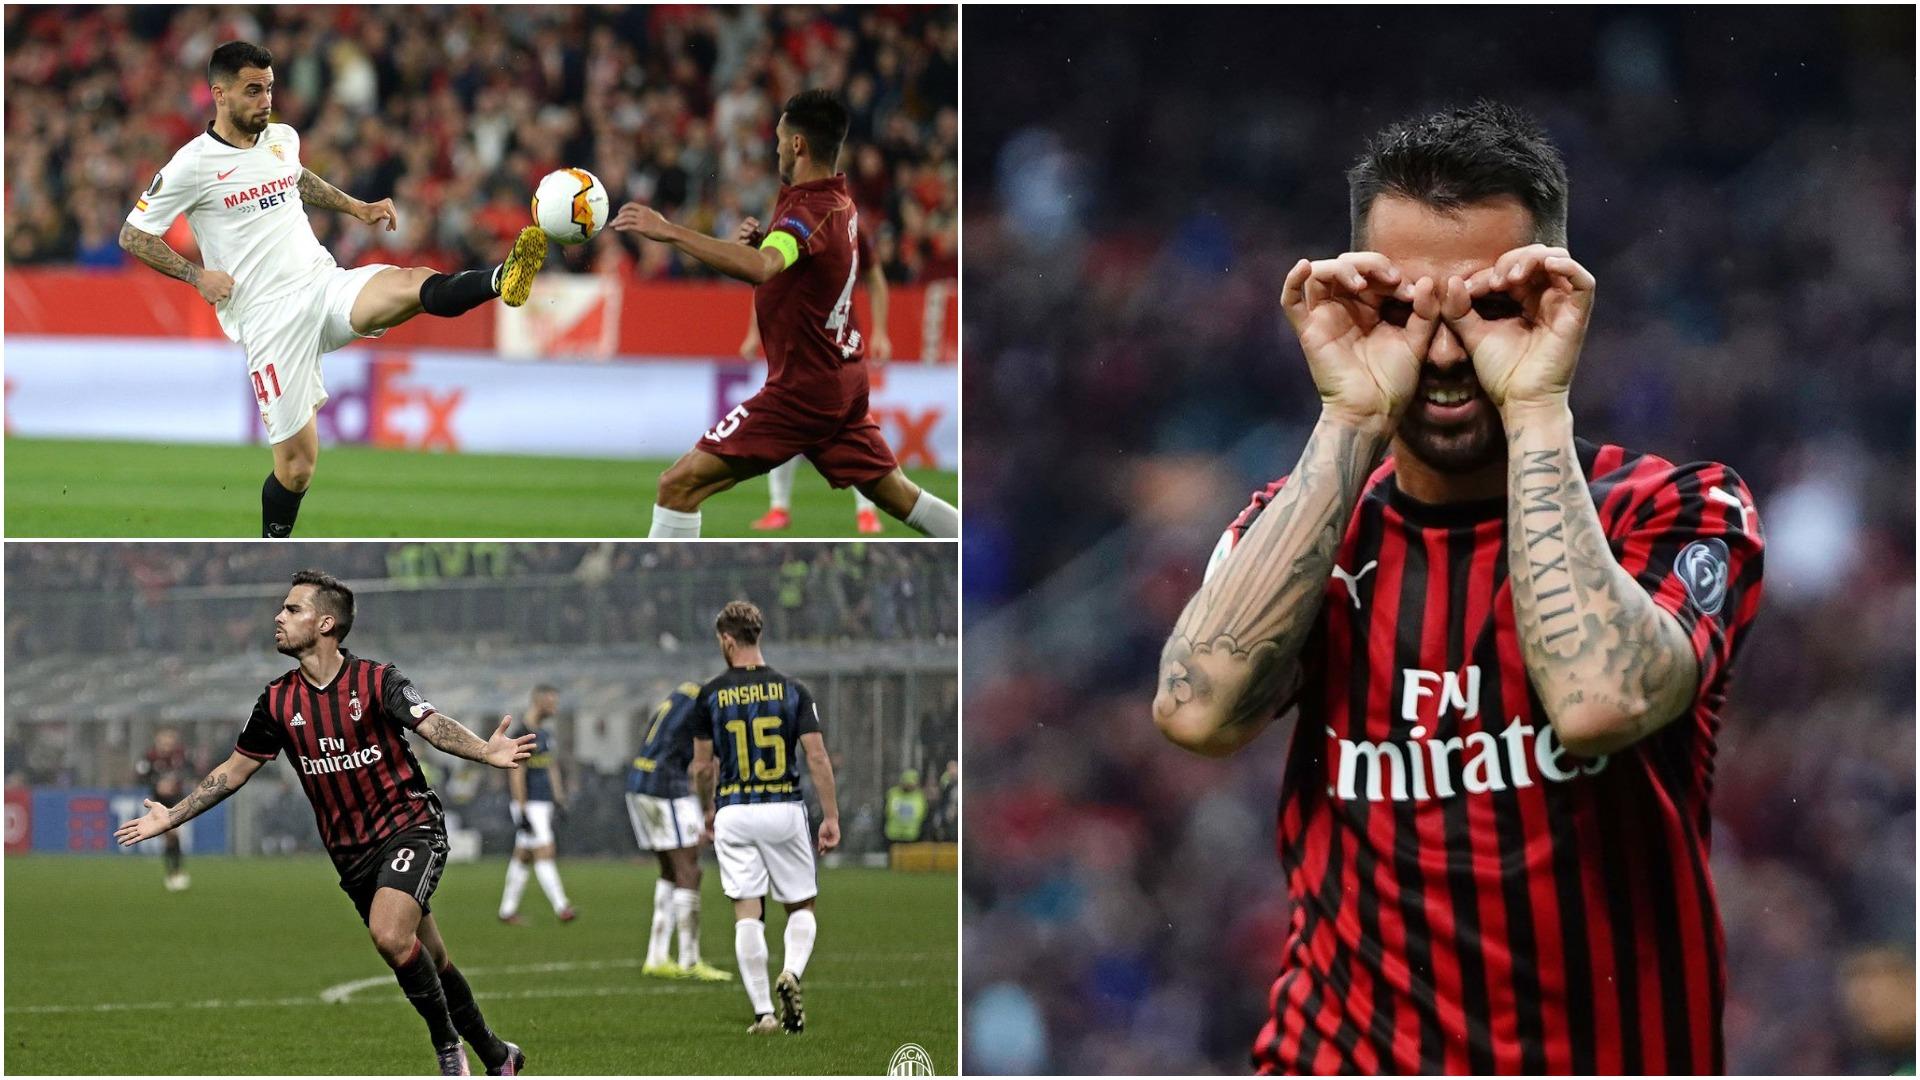 Suso: Nuk i harroj dy golat në derbi, isha pranë transferimit tek Interi